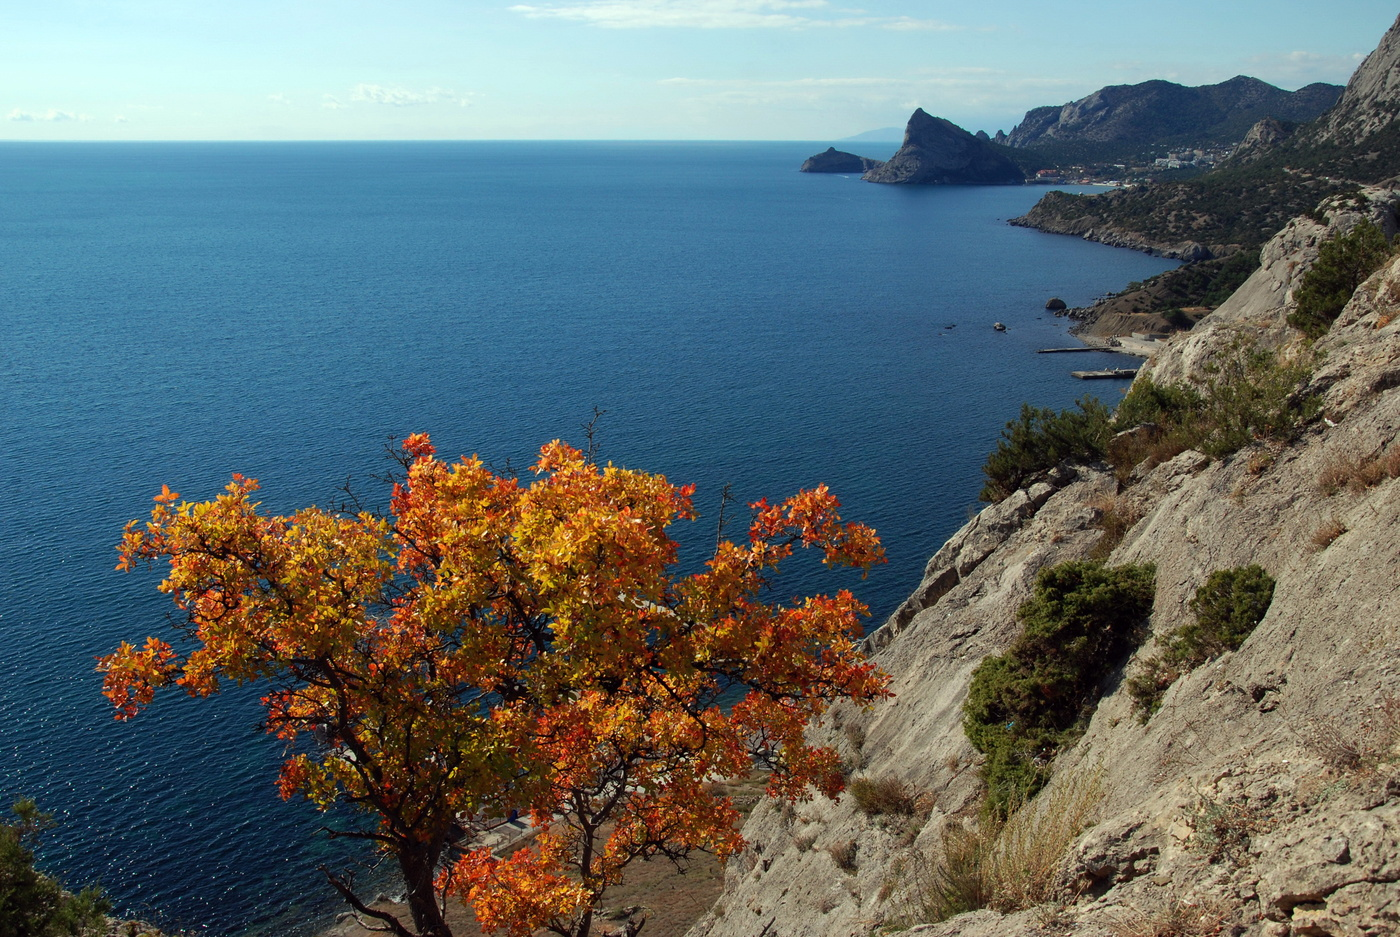 море крыма в октябре фото такие